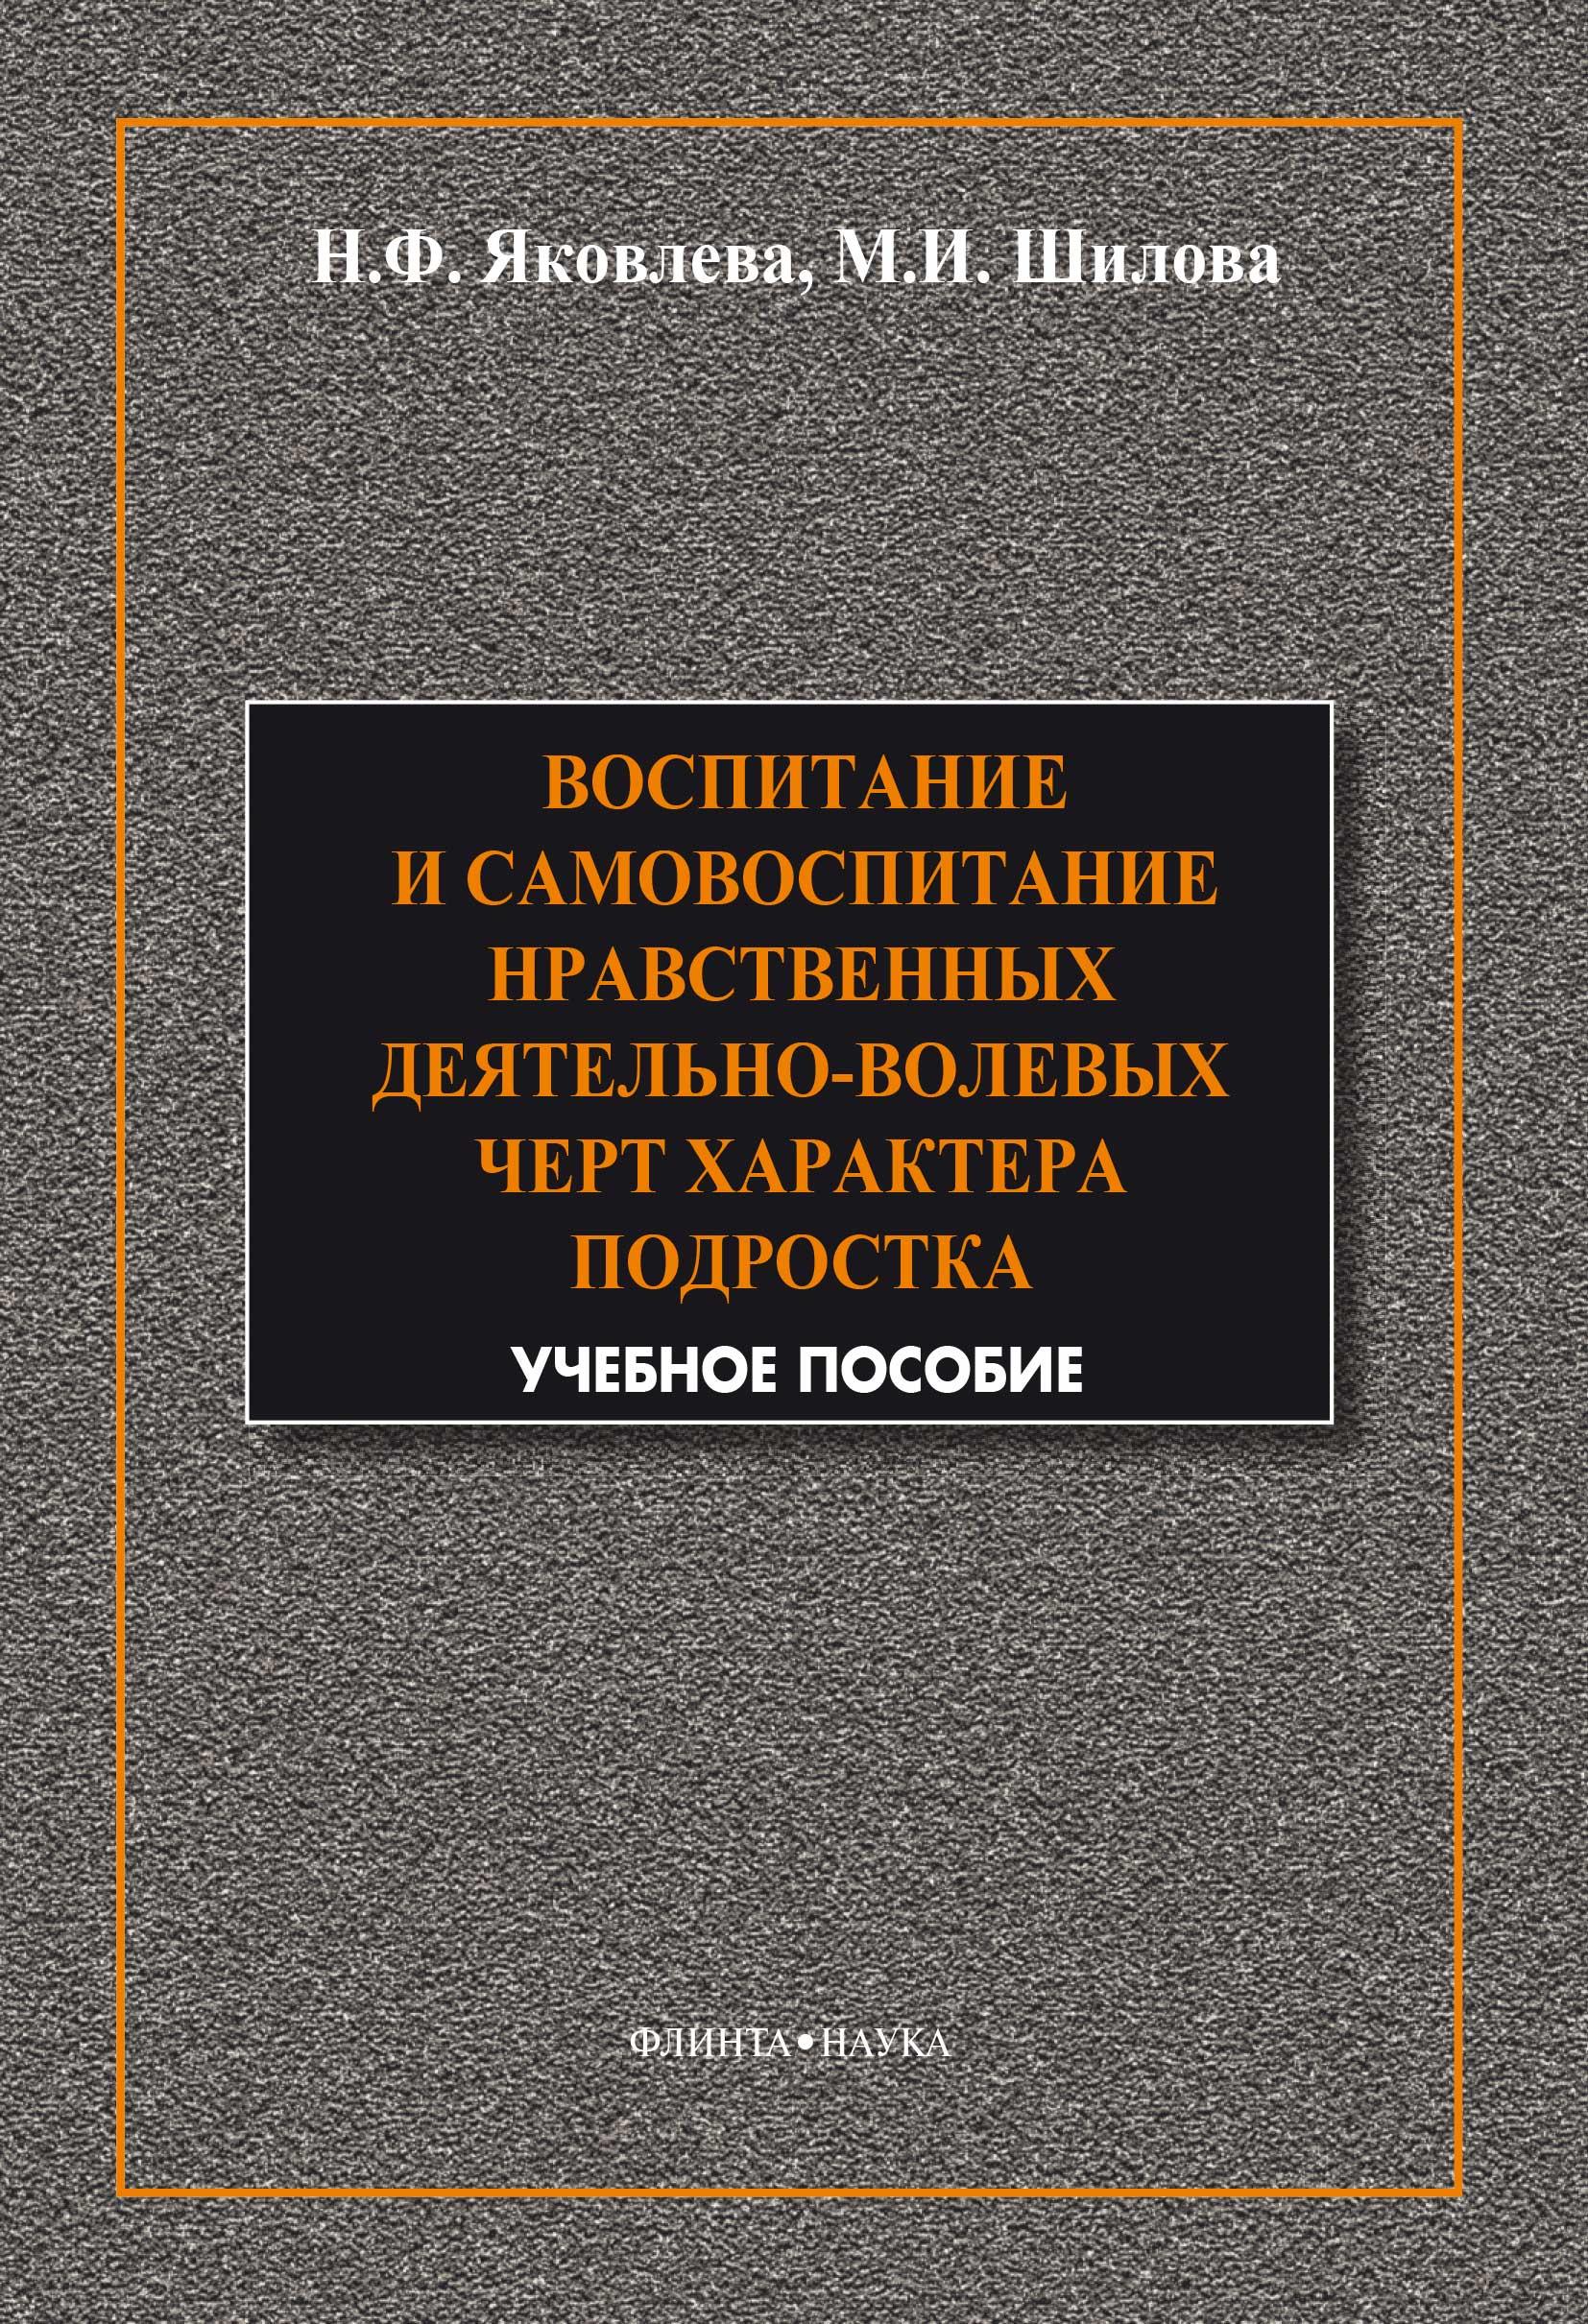 М. И. Шилова Воспитание и самовоспитание нравственных деятельно-волевых черт характера подростков